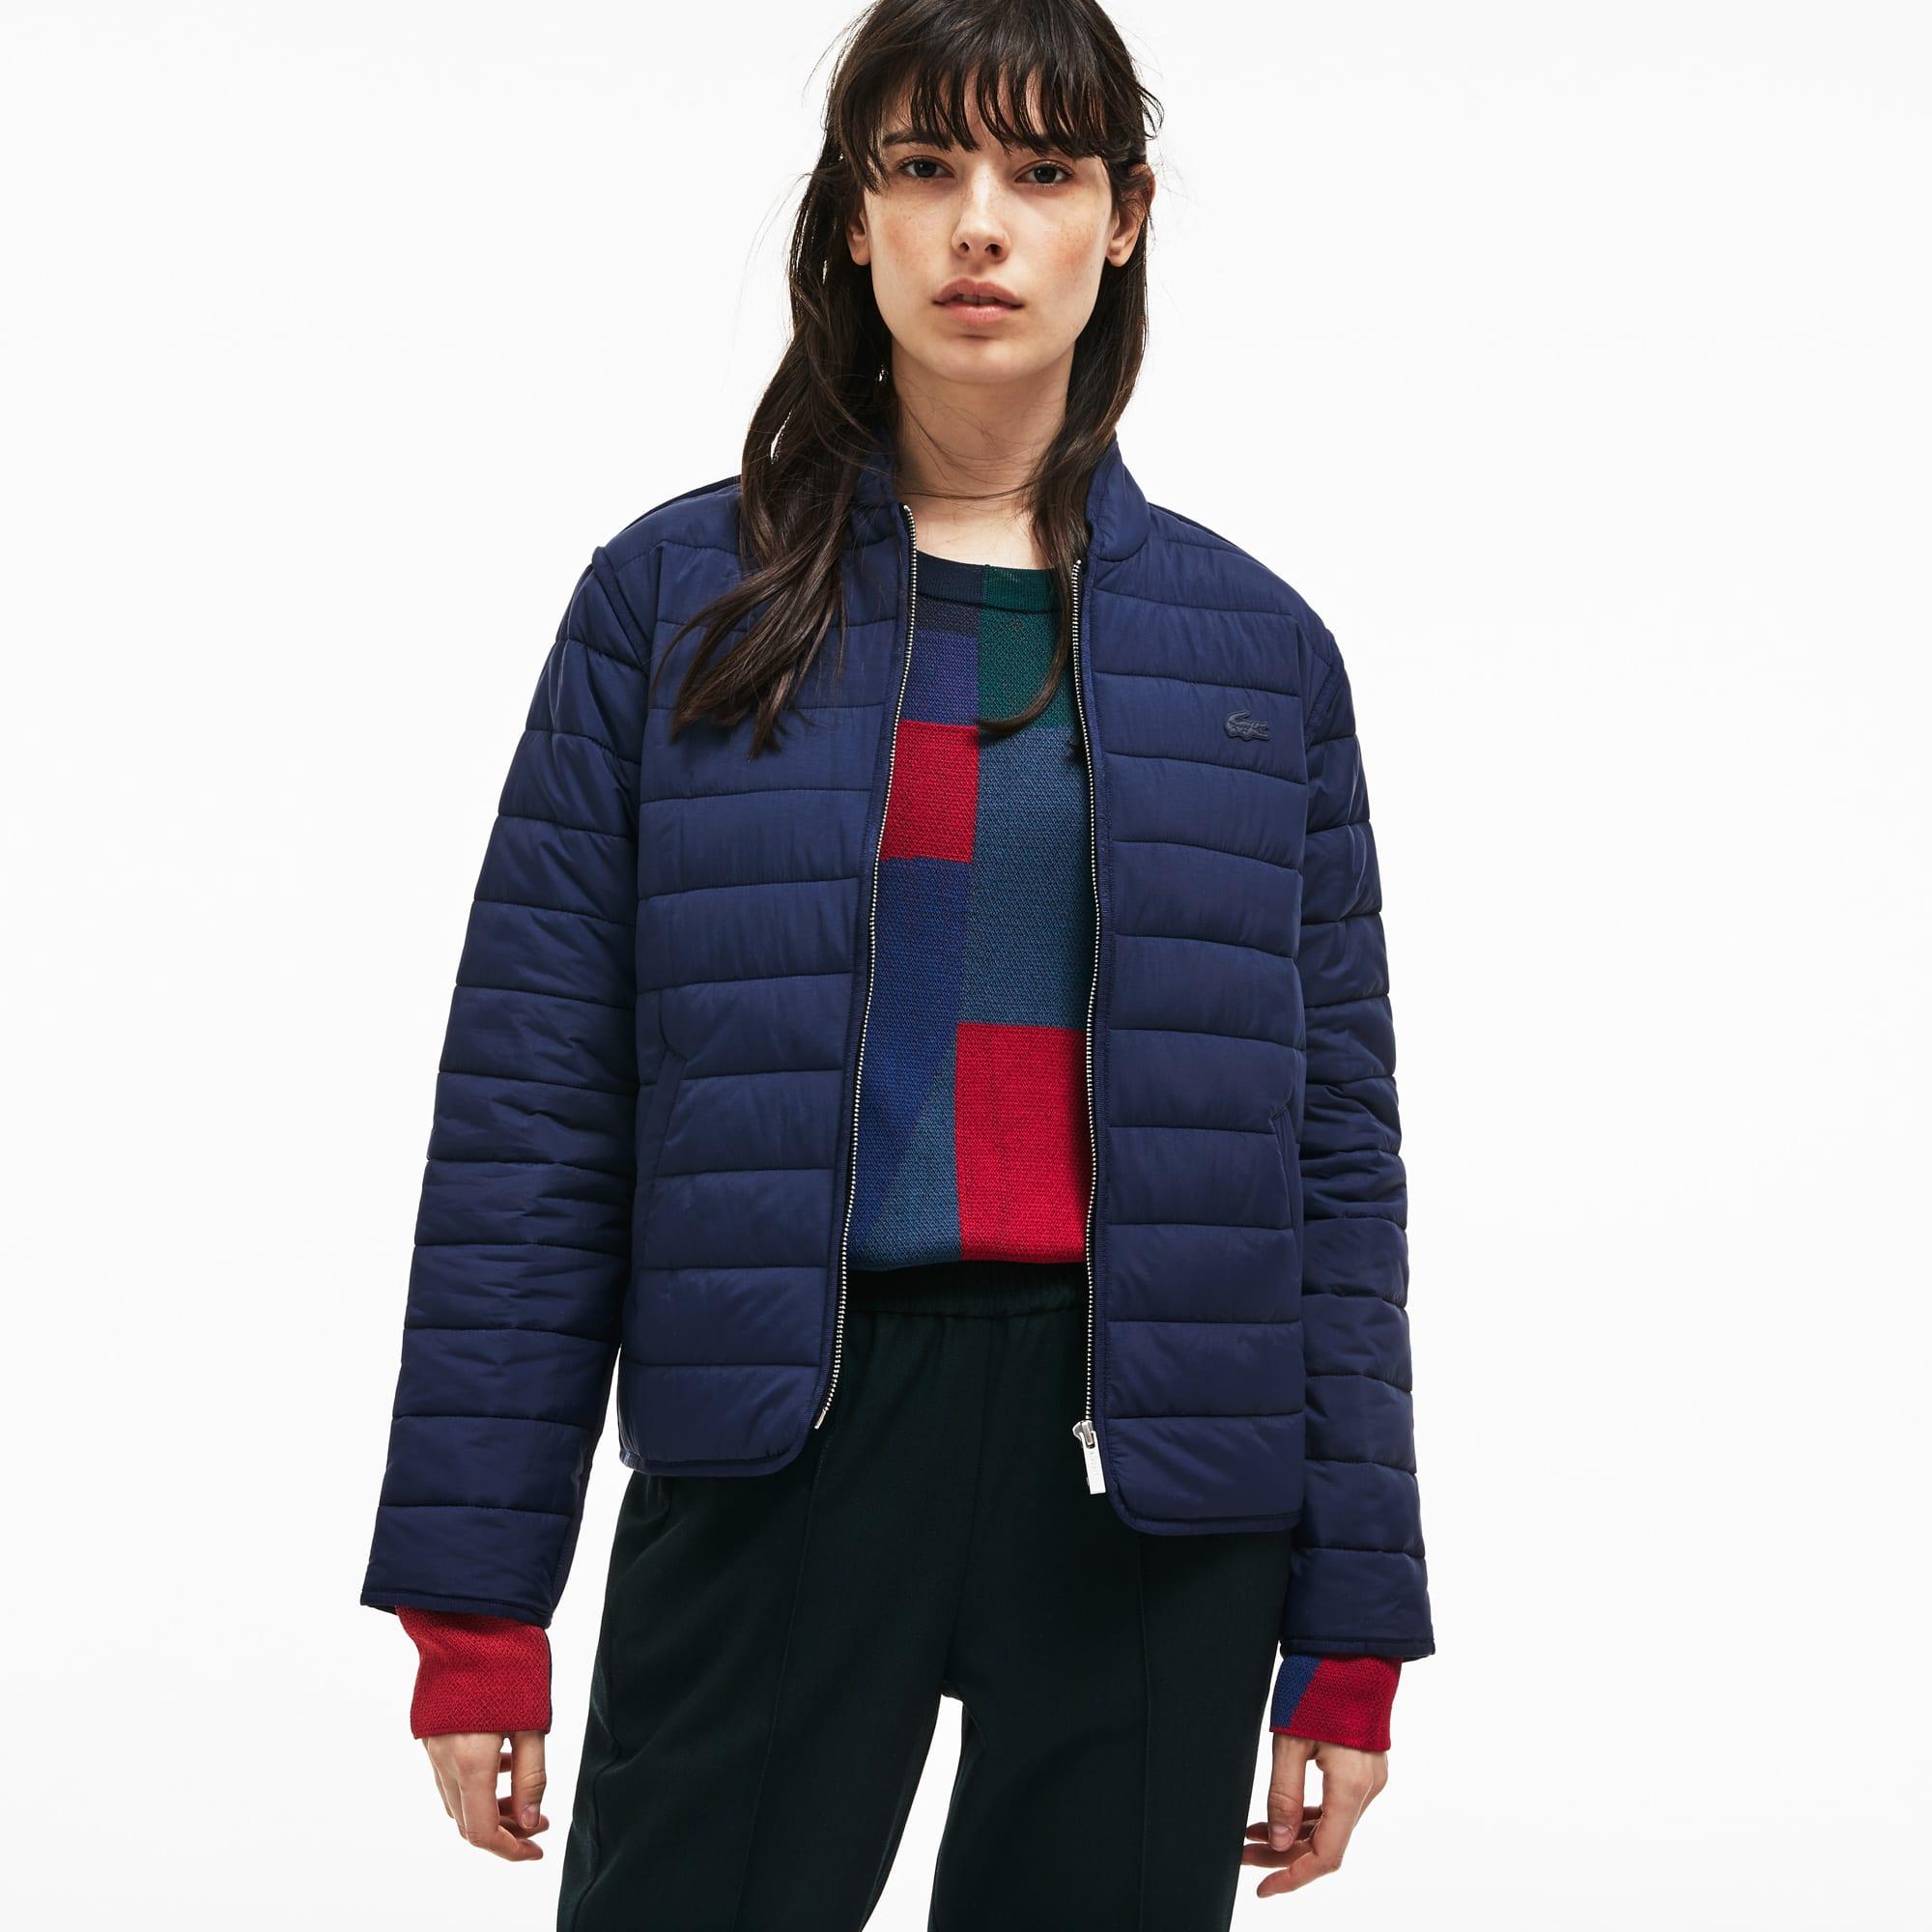 6a2774899f1 Down jacket feminina com zíper em tafetá